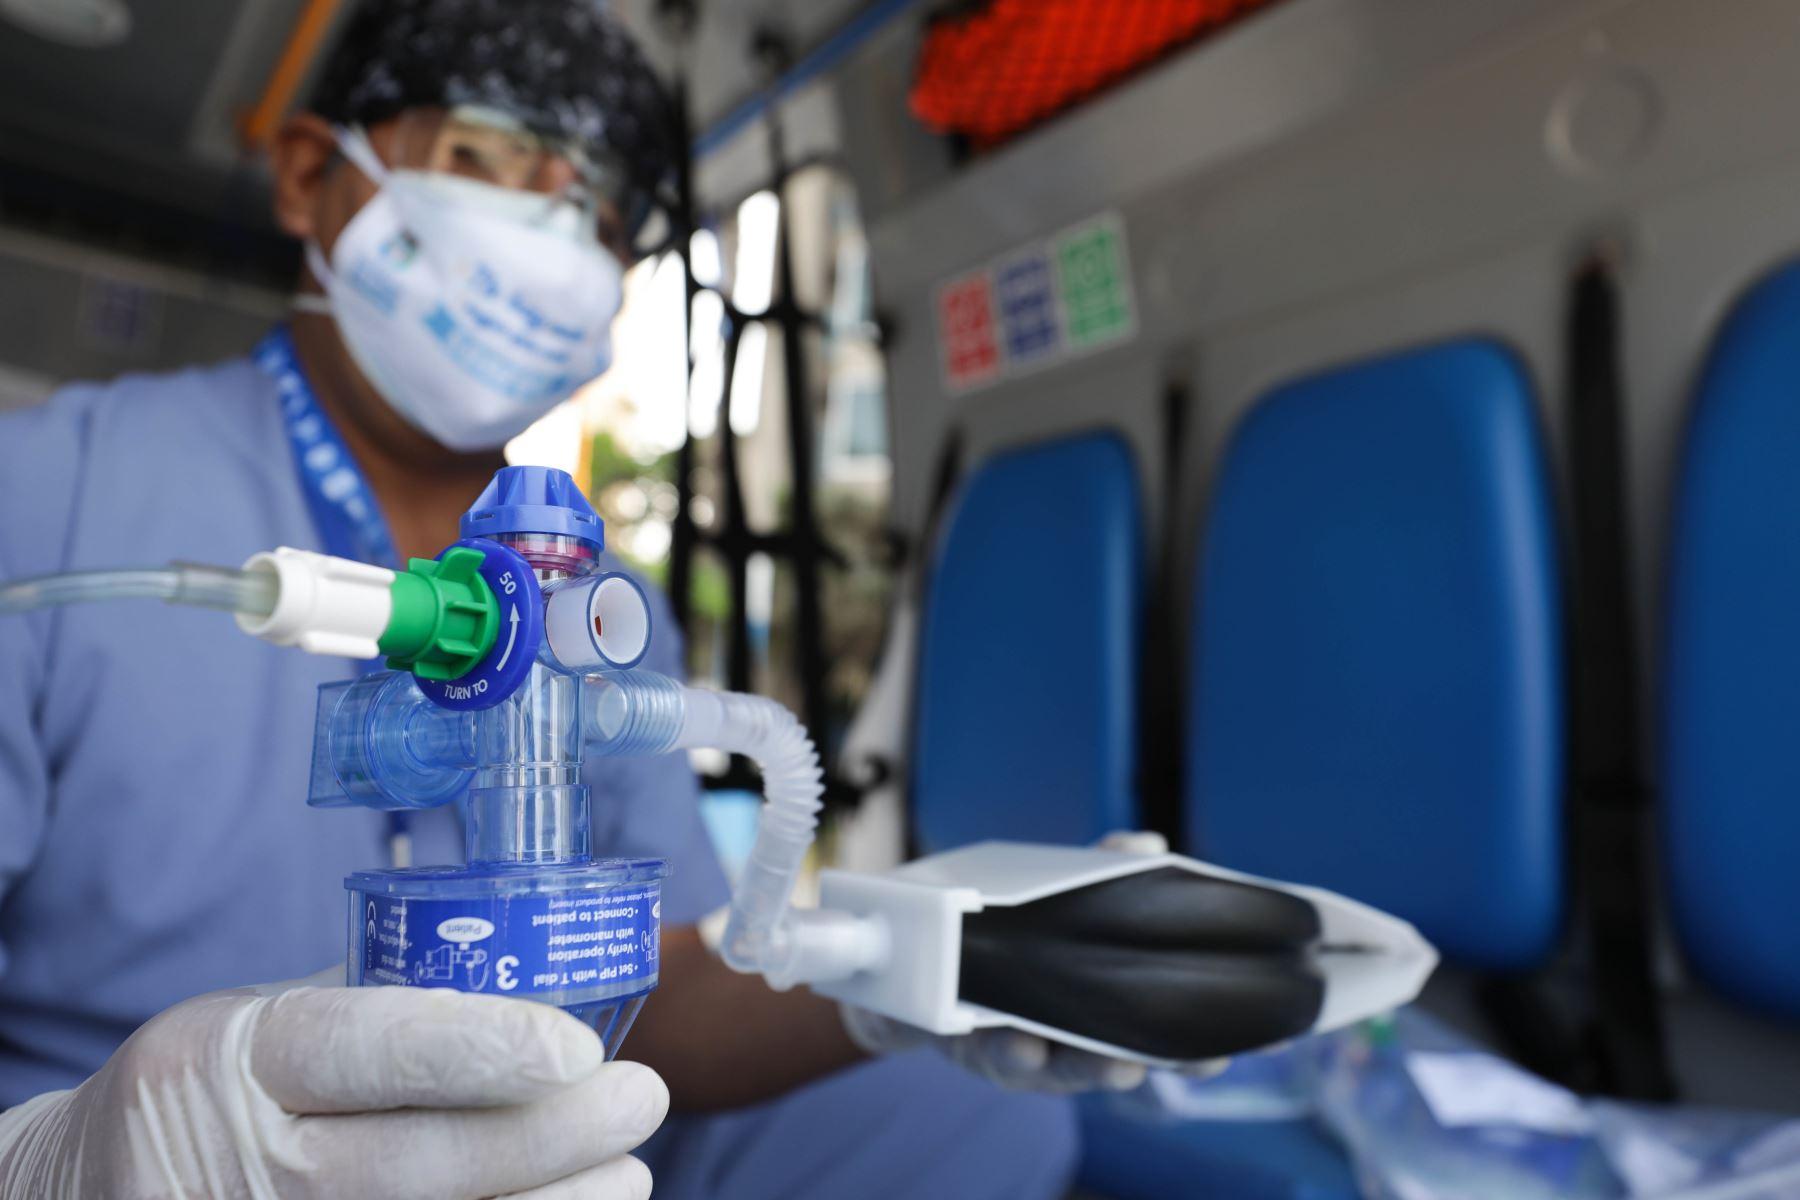 Essalud recibió una donación de 680 respiradores mecánicos personales, para reforzar el trabajo que siguen realizando los médicos y todo el personal sanitario de los hospitales de dicha institución en esta segunda ola de contagios de covid-19. Foto: ANDINA/ Essalud.